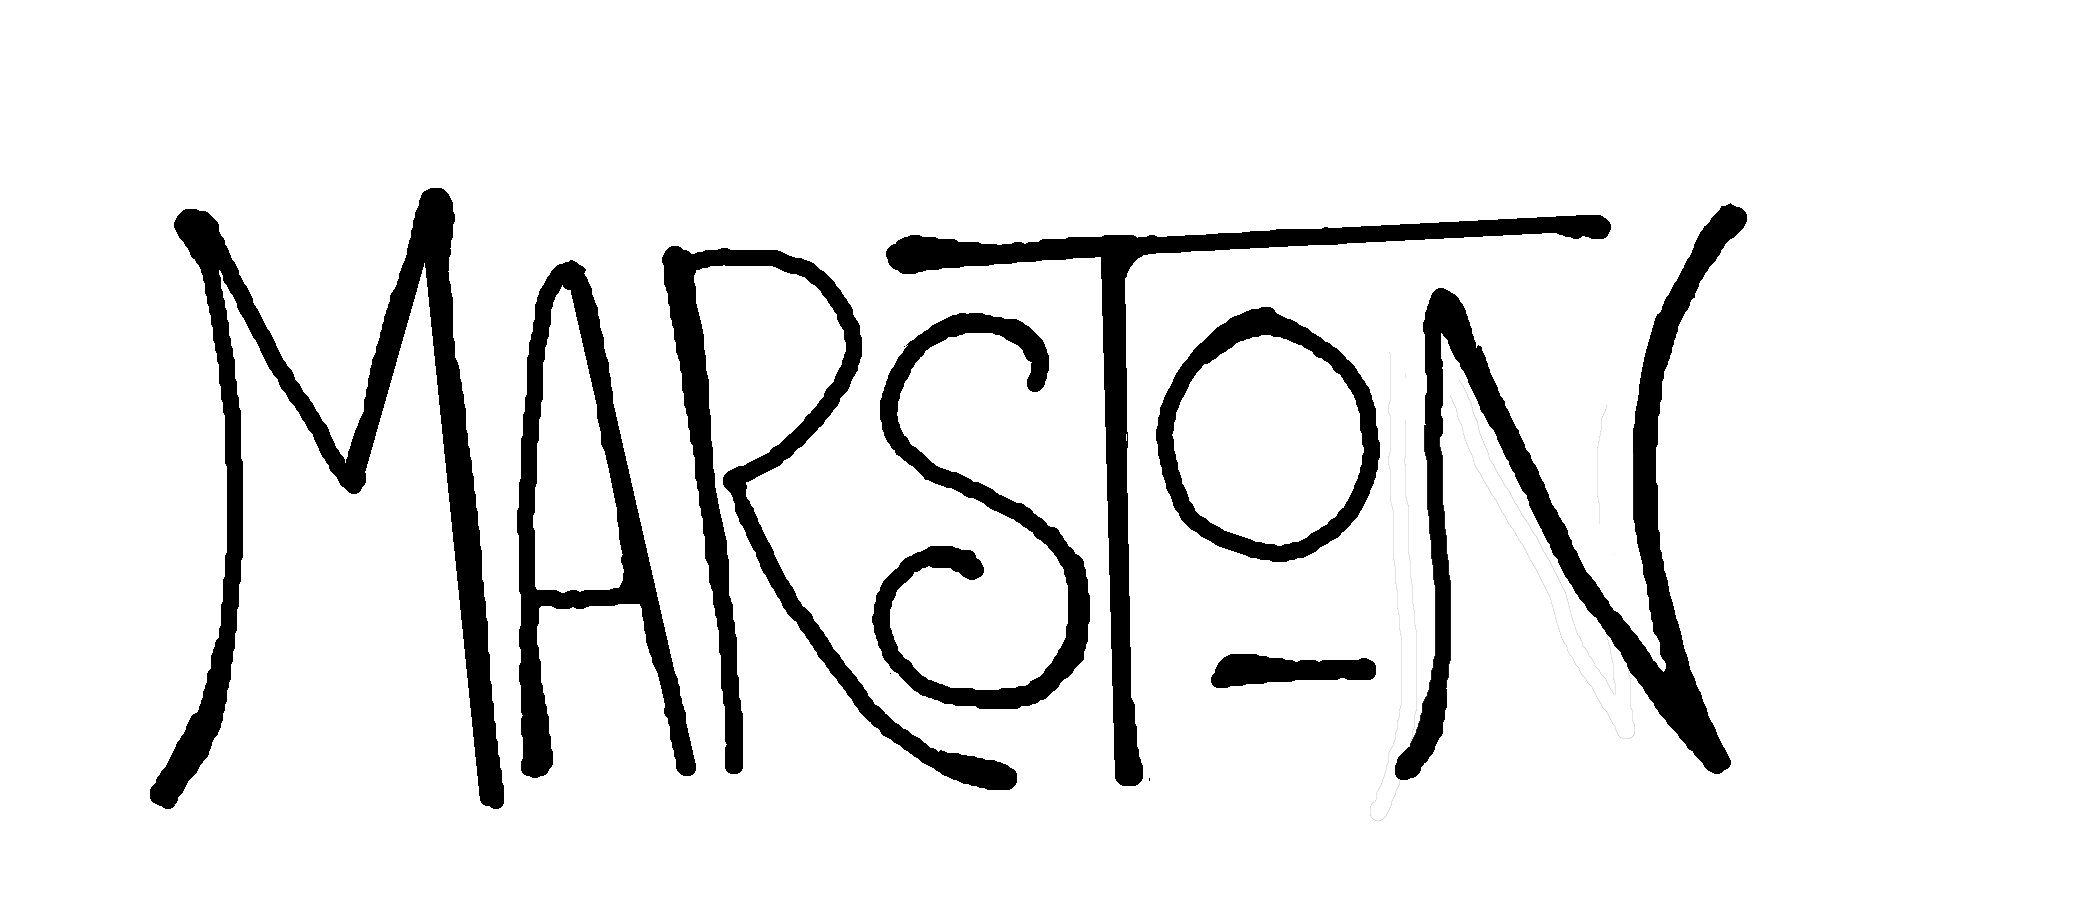 Sharon Marston's Signature